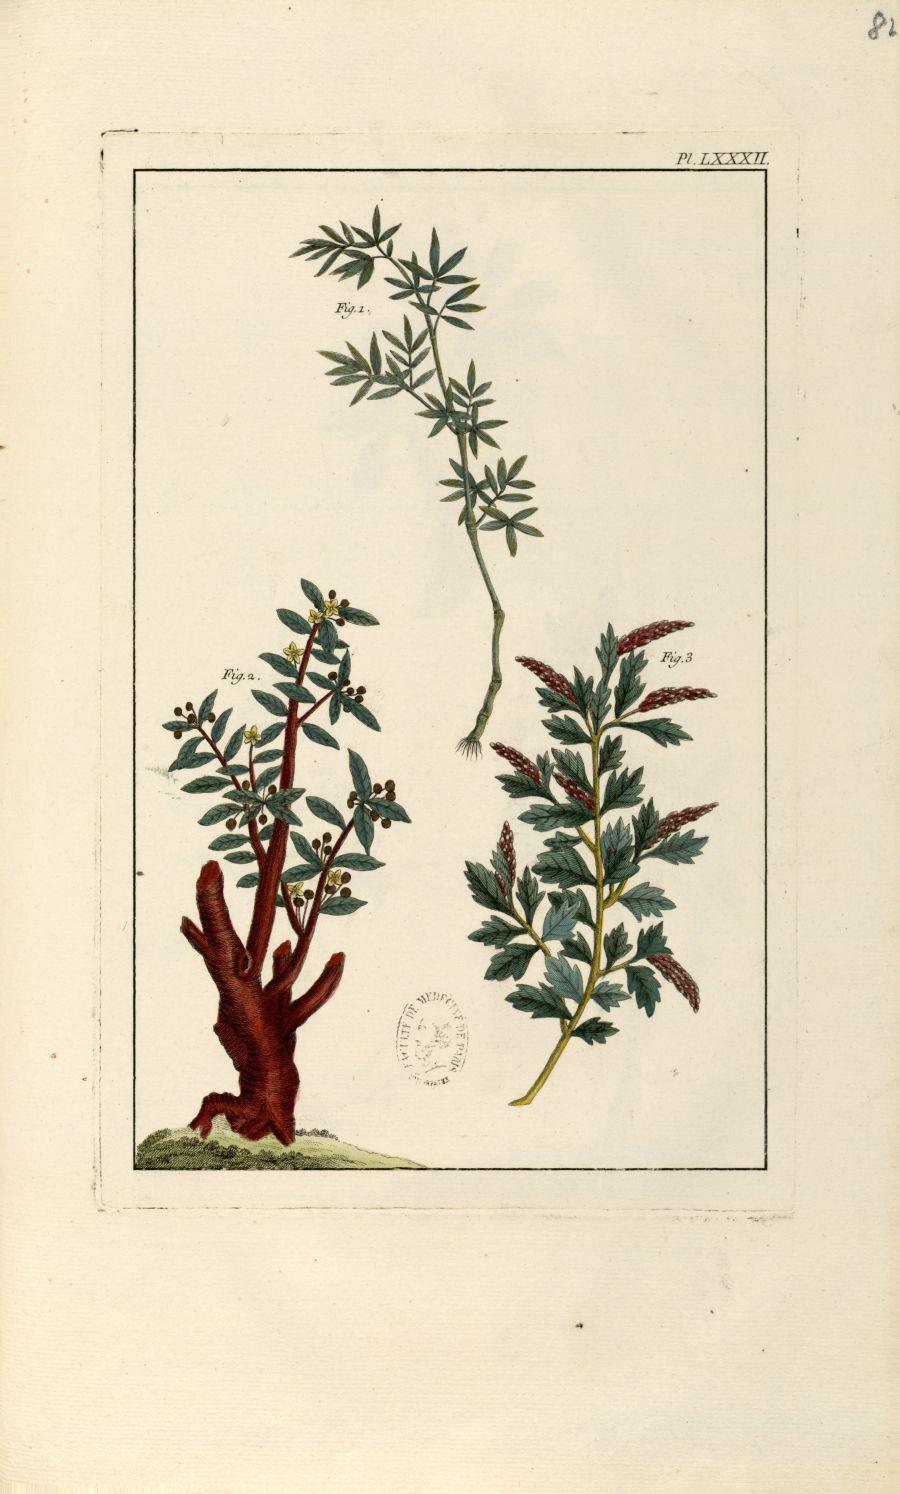 Planche LXXXII - Herbier ou collection des plantes médicinales de la Chine d'après un manuscrit pein [...] - Botanique. Plantes (médecine). Chine. 18e siècle - med01989x0085